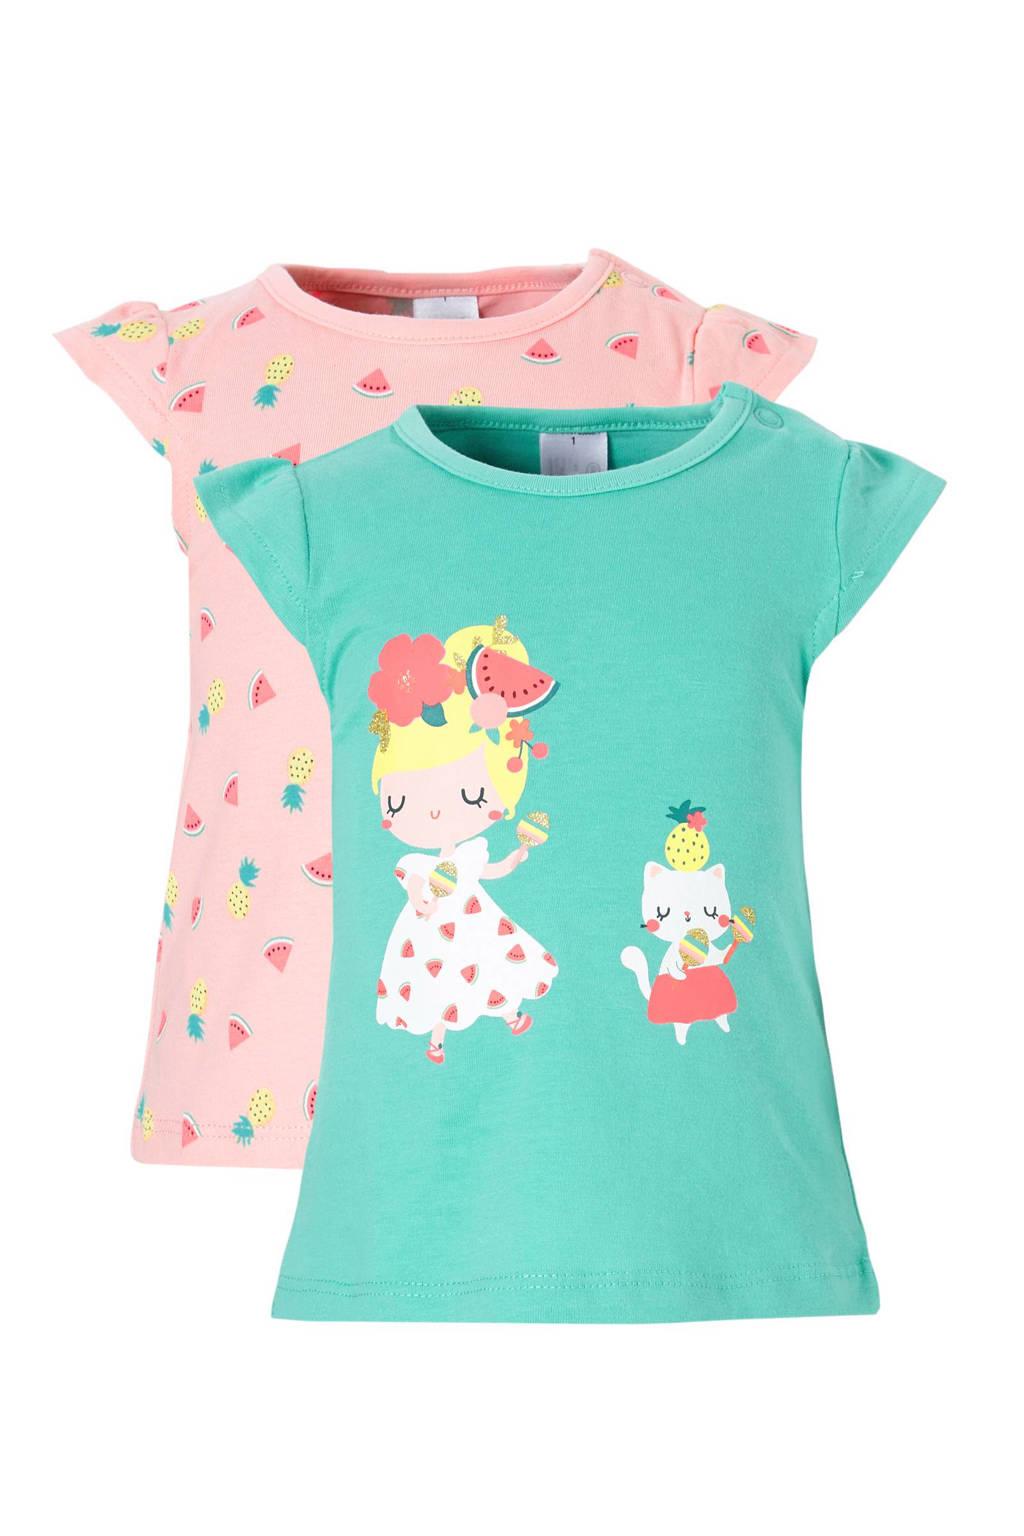 C&A Baby Club T-shirt (set van 2), Groen/roze/geel